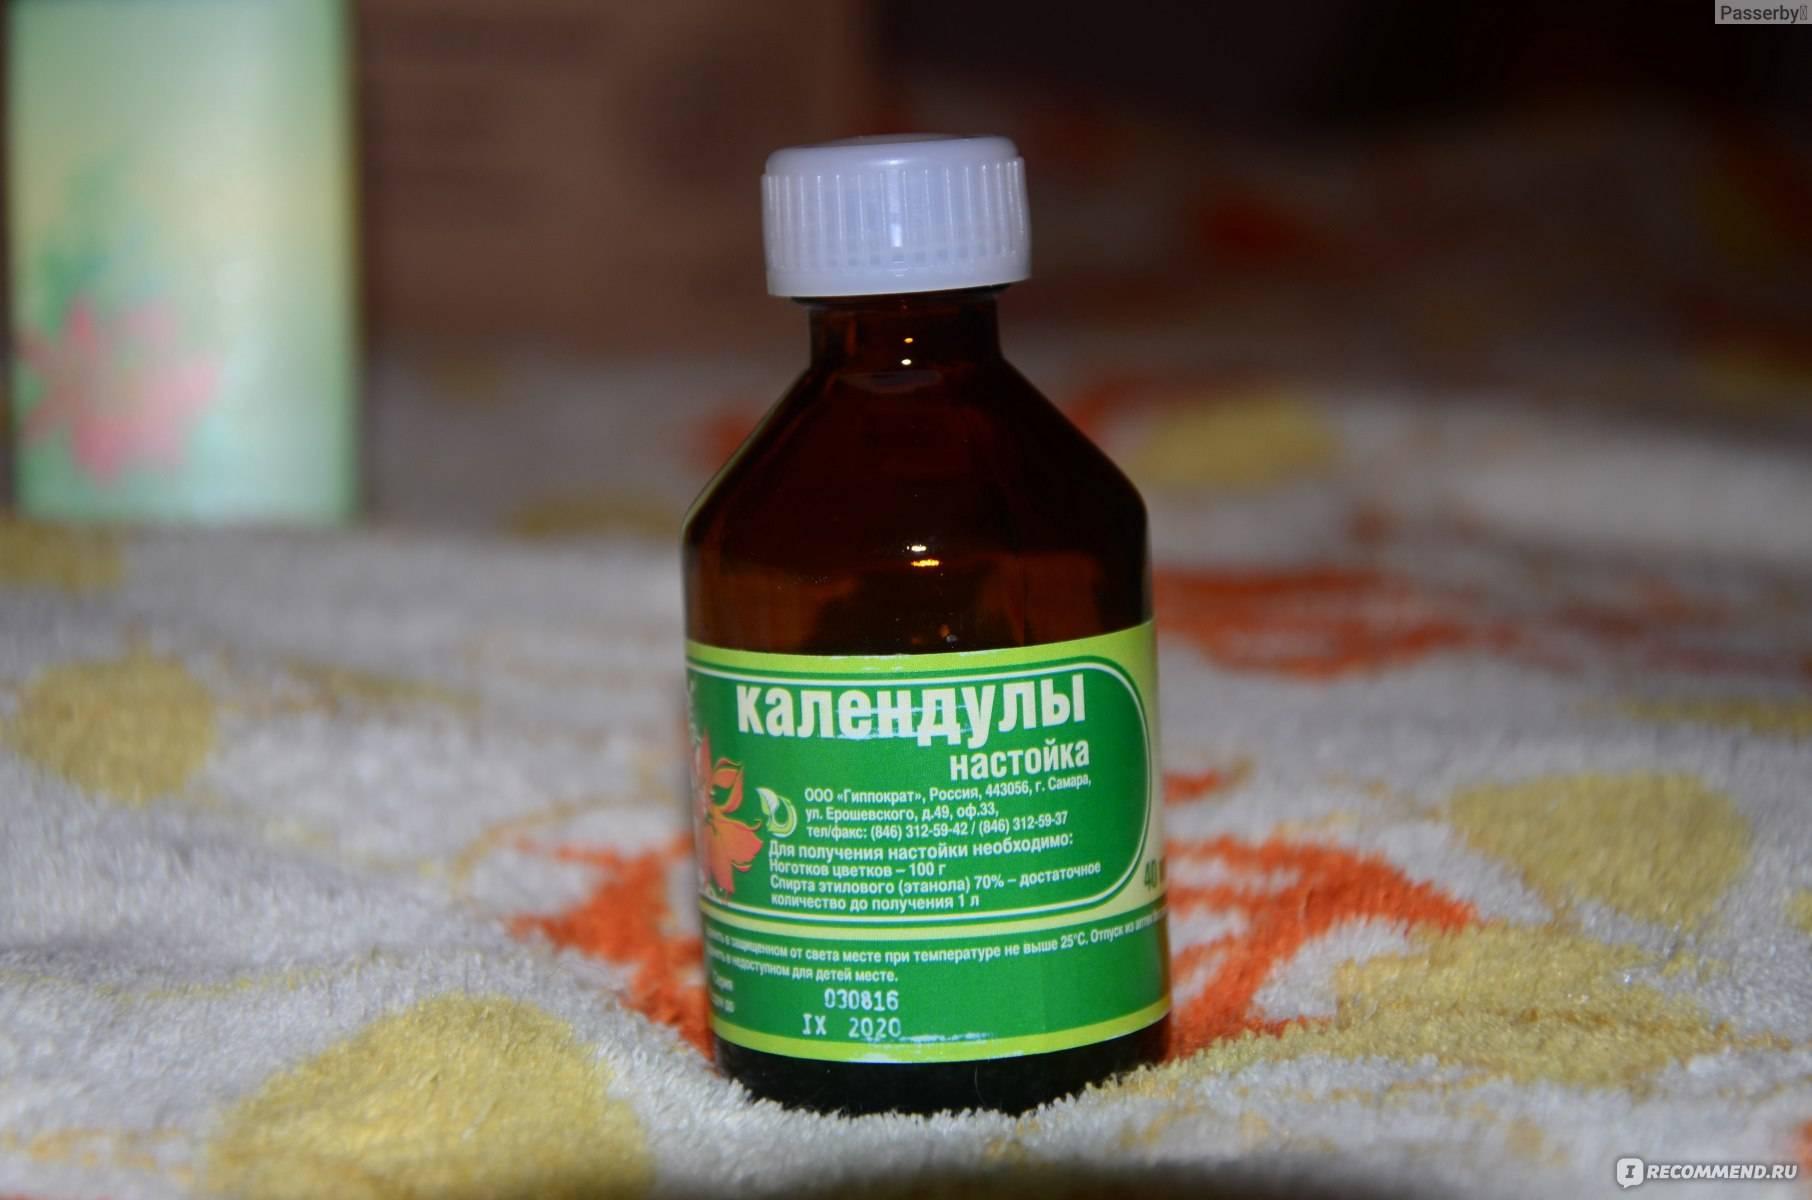 Настойка календулы: лечебные свойства, как принимать, рецепт | здоровье и красота